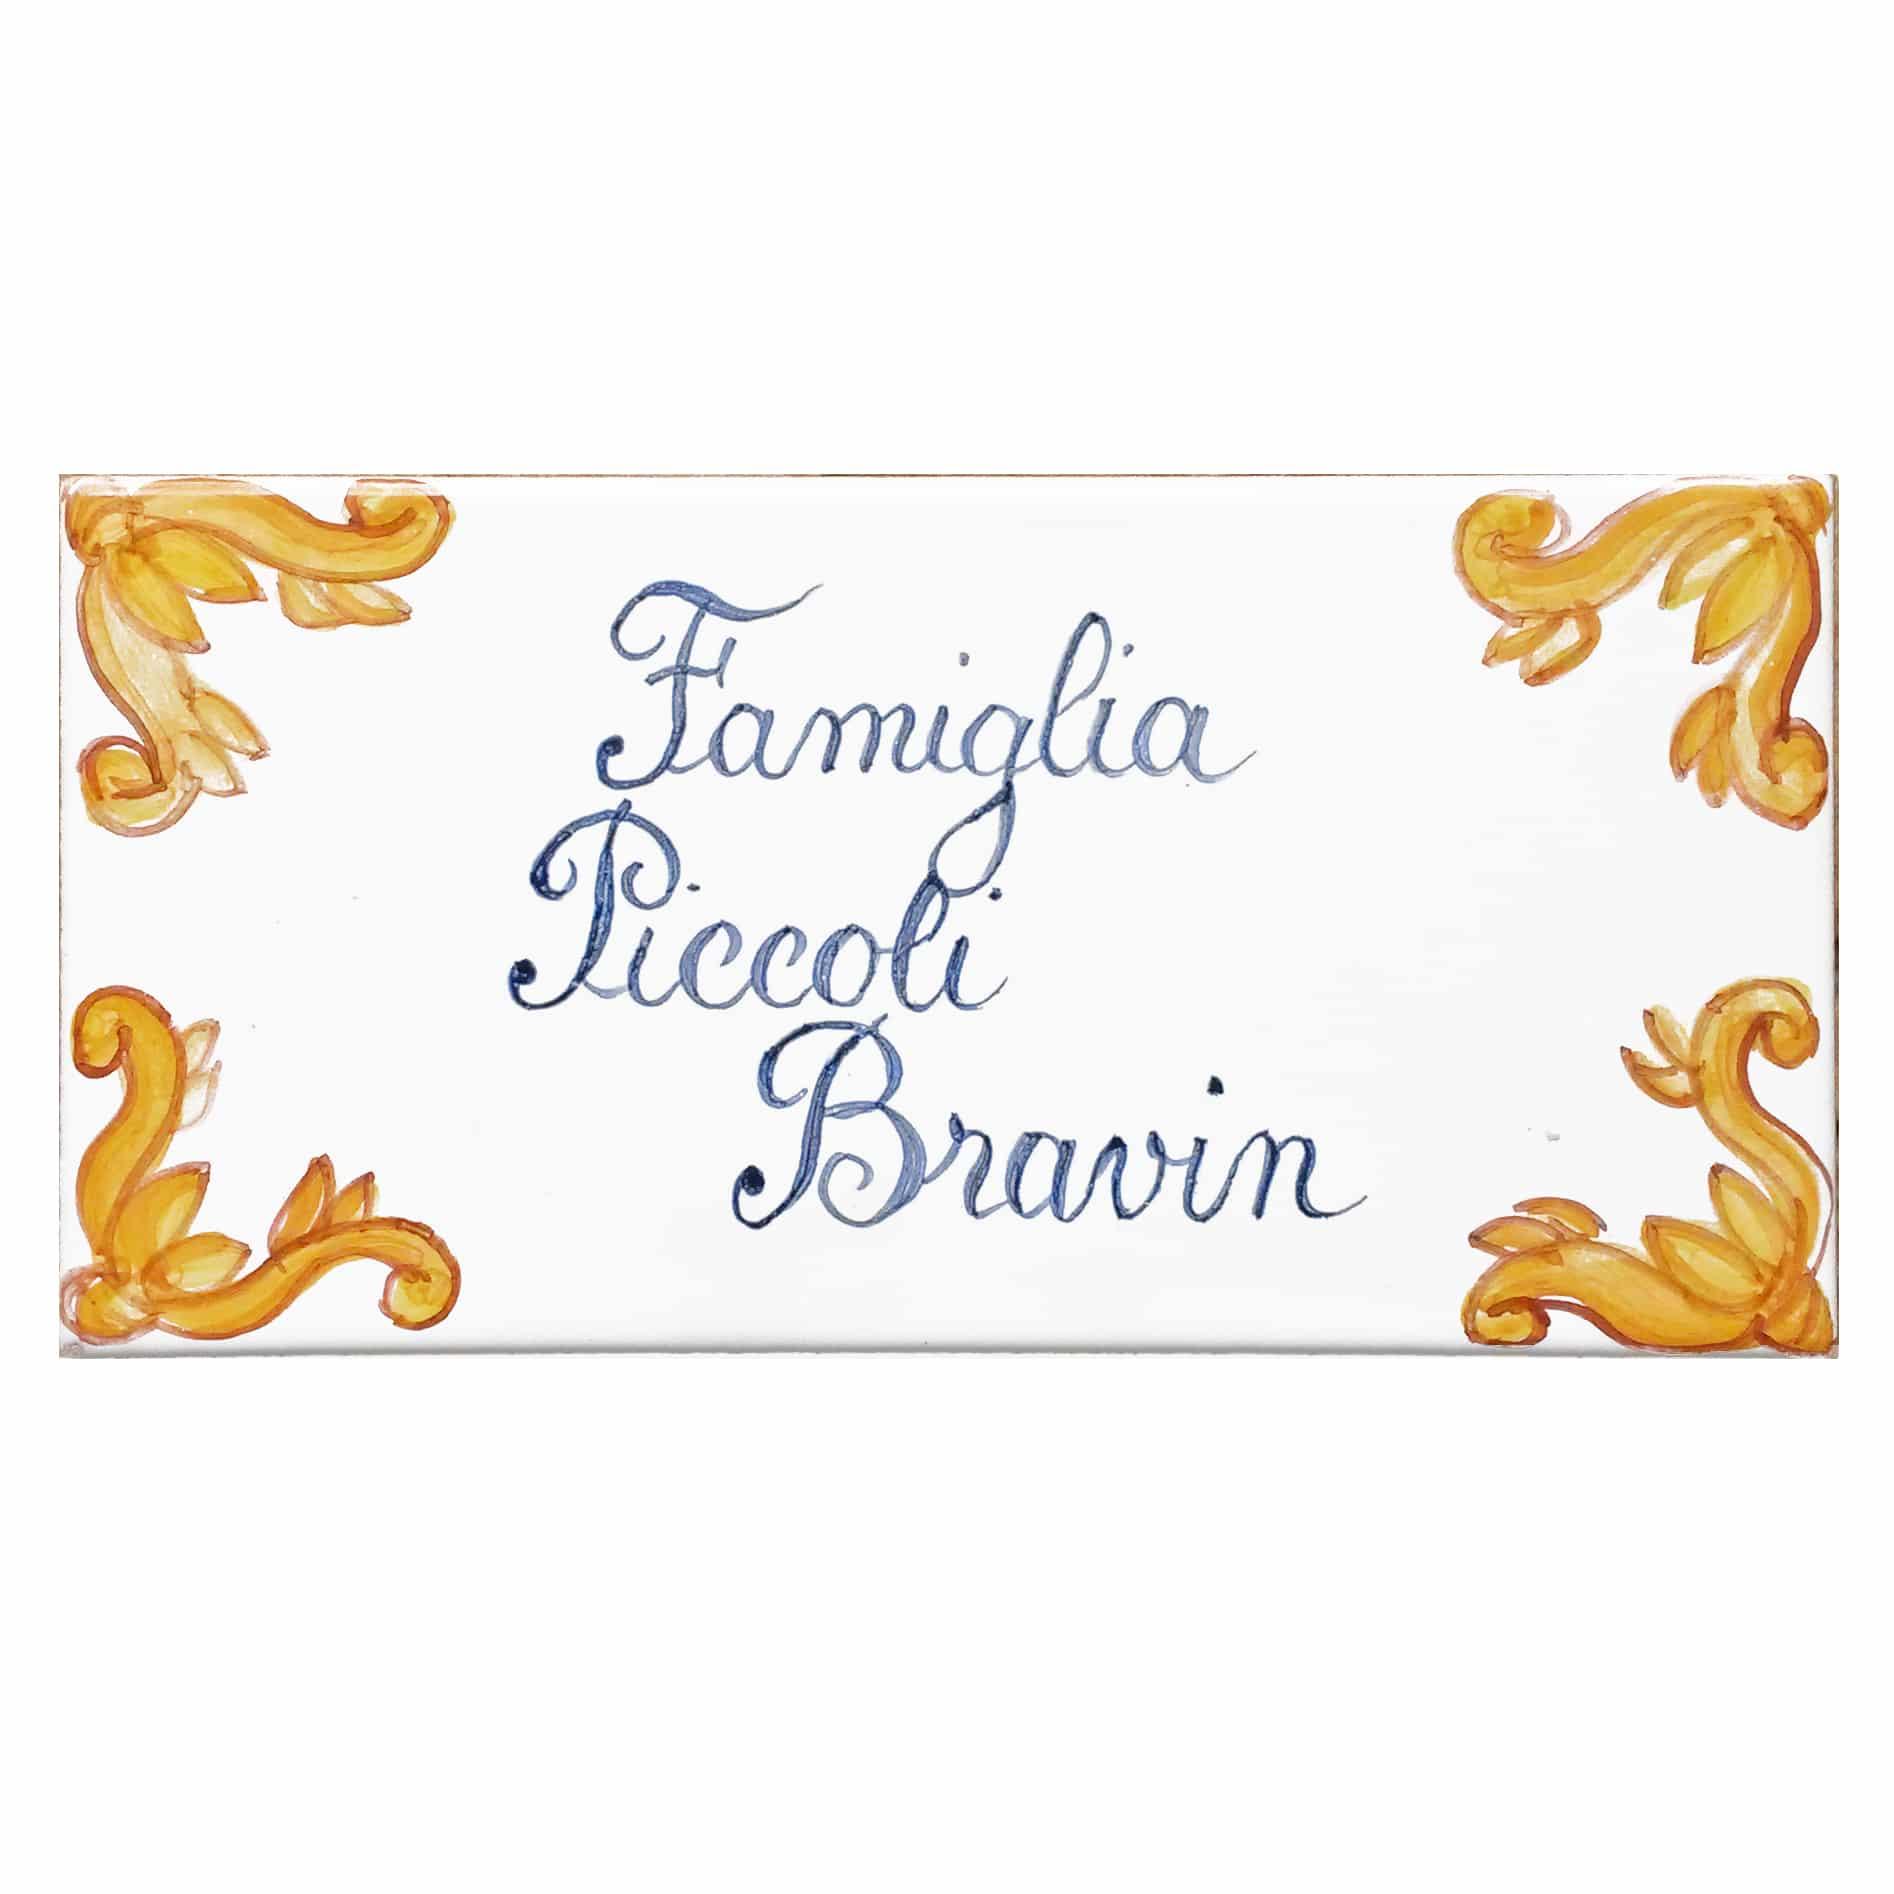 Piastrella con Nome di Famiglia o Numero Civico e Decori Gialli  Olalla